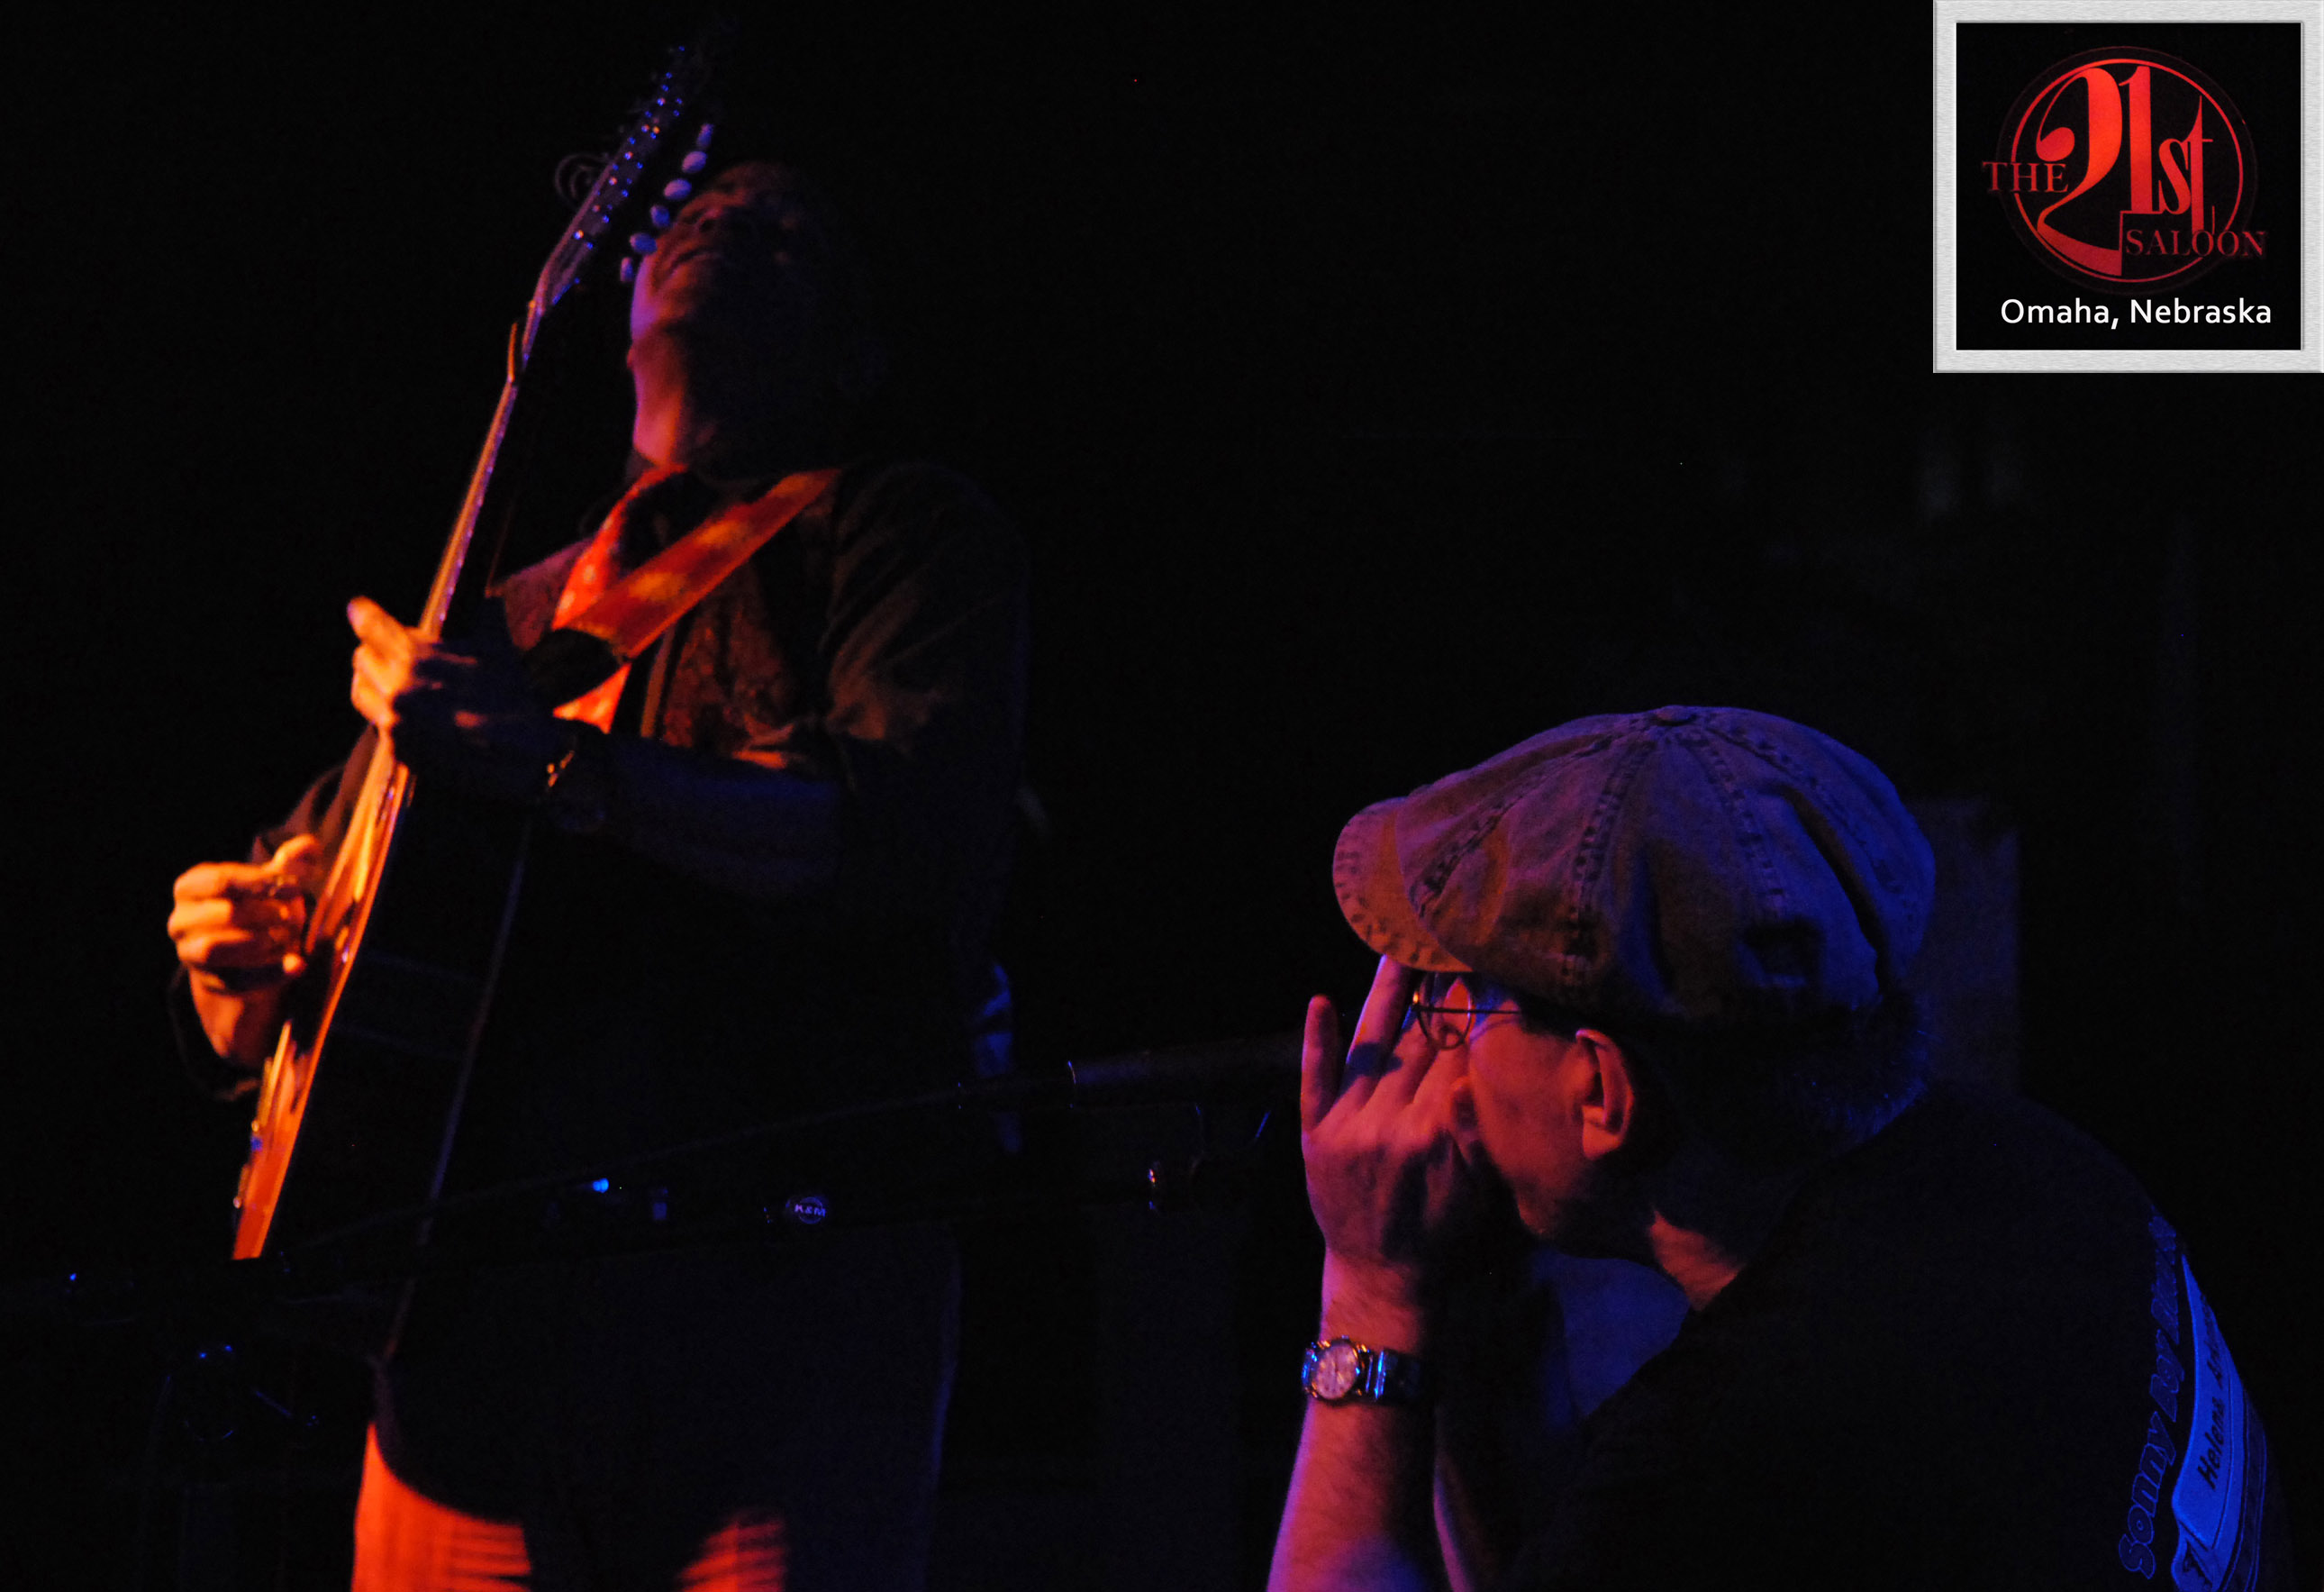 GUY DAVIS & FABRIZIO POGGI 2014 USA TOUR live at 21St Omaha, Nebraska